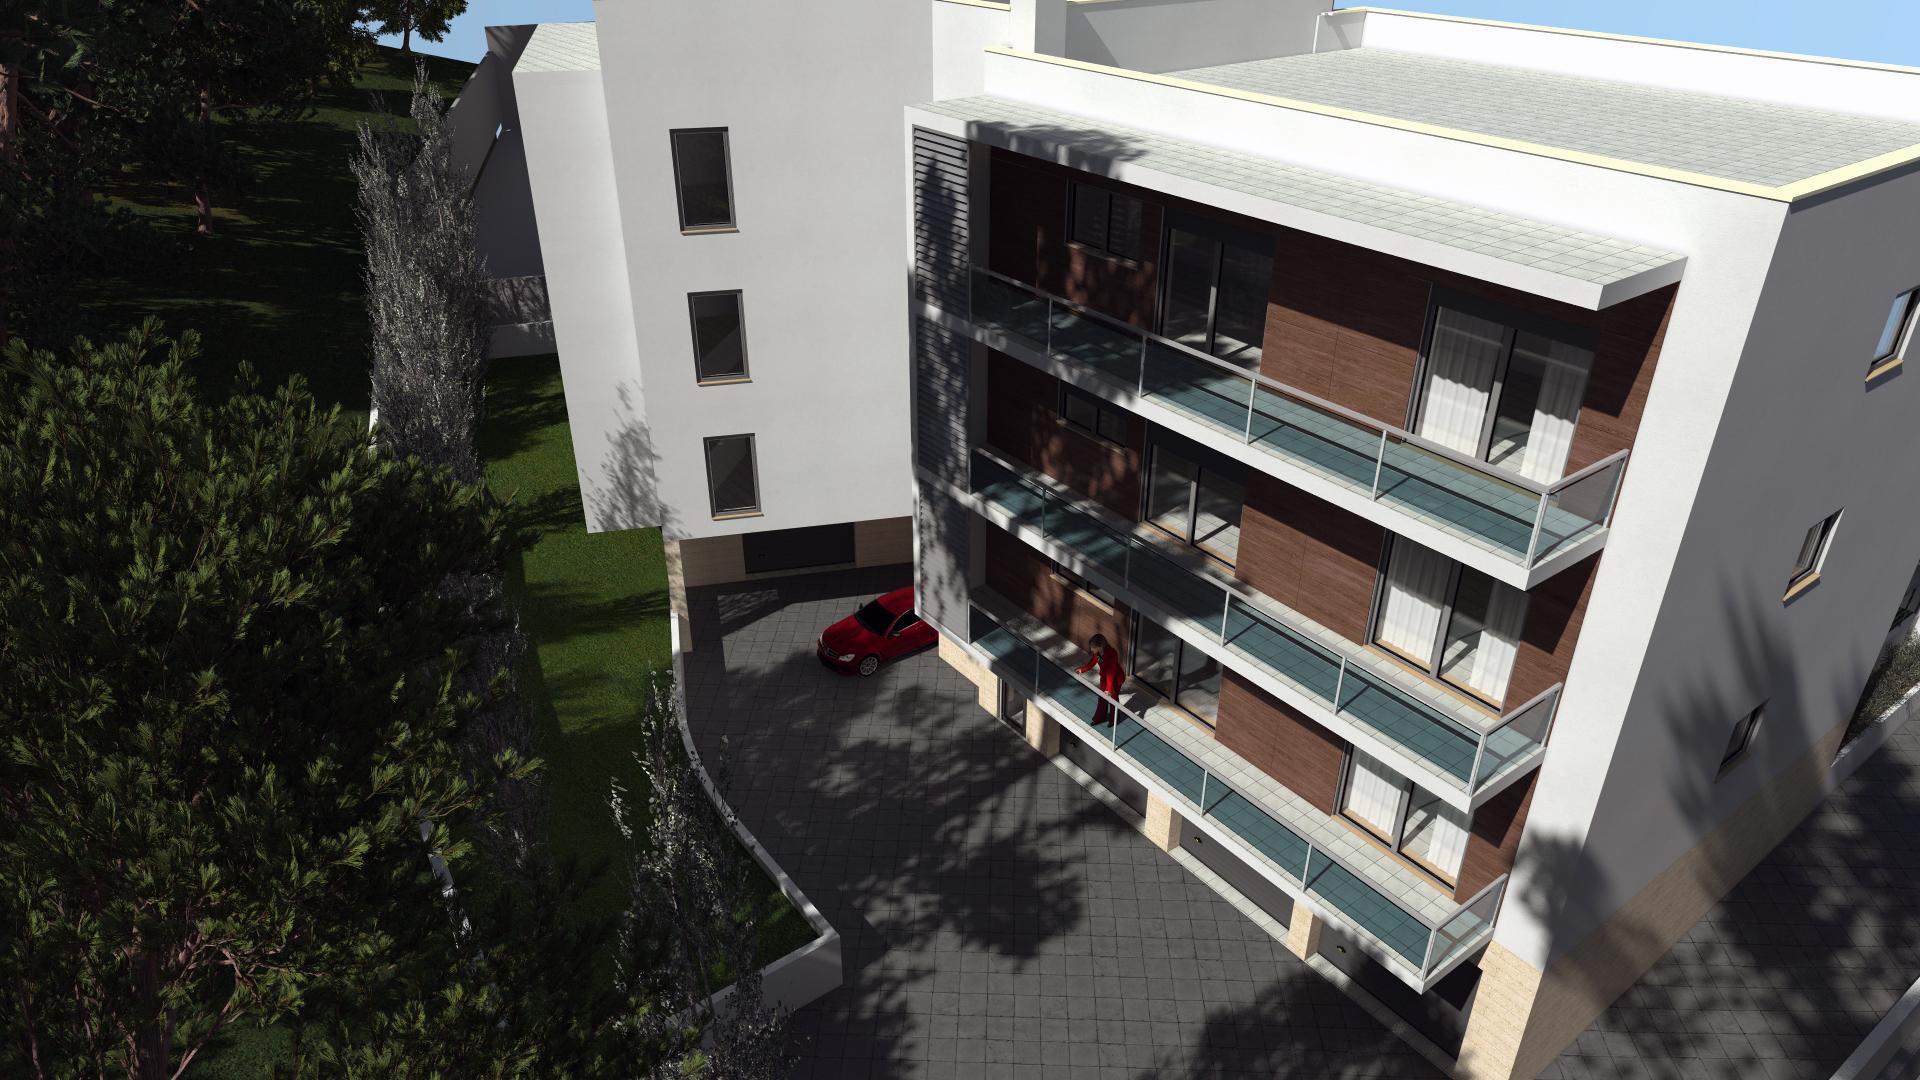 Edifício Multifamiliar, Águas Férreas - S. Martinho do Bispo - Coimbra 0